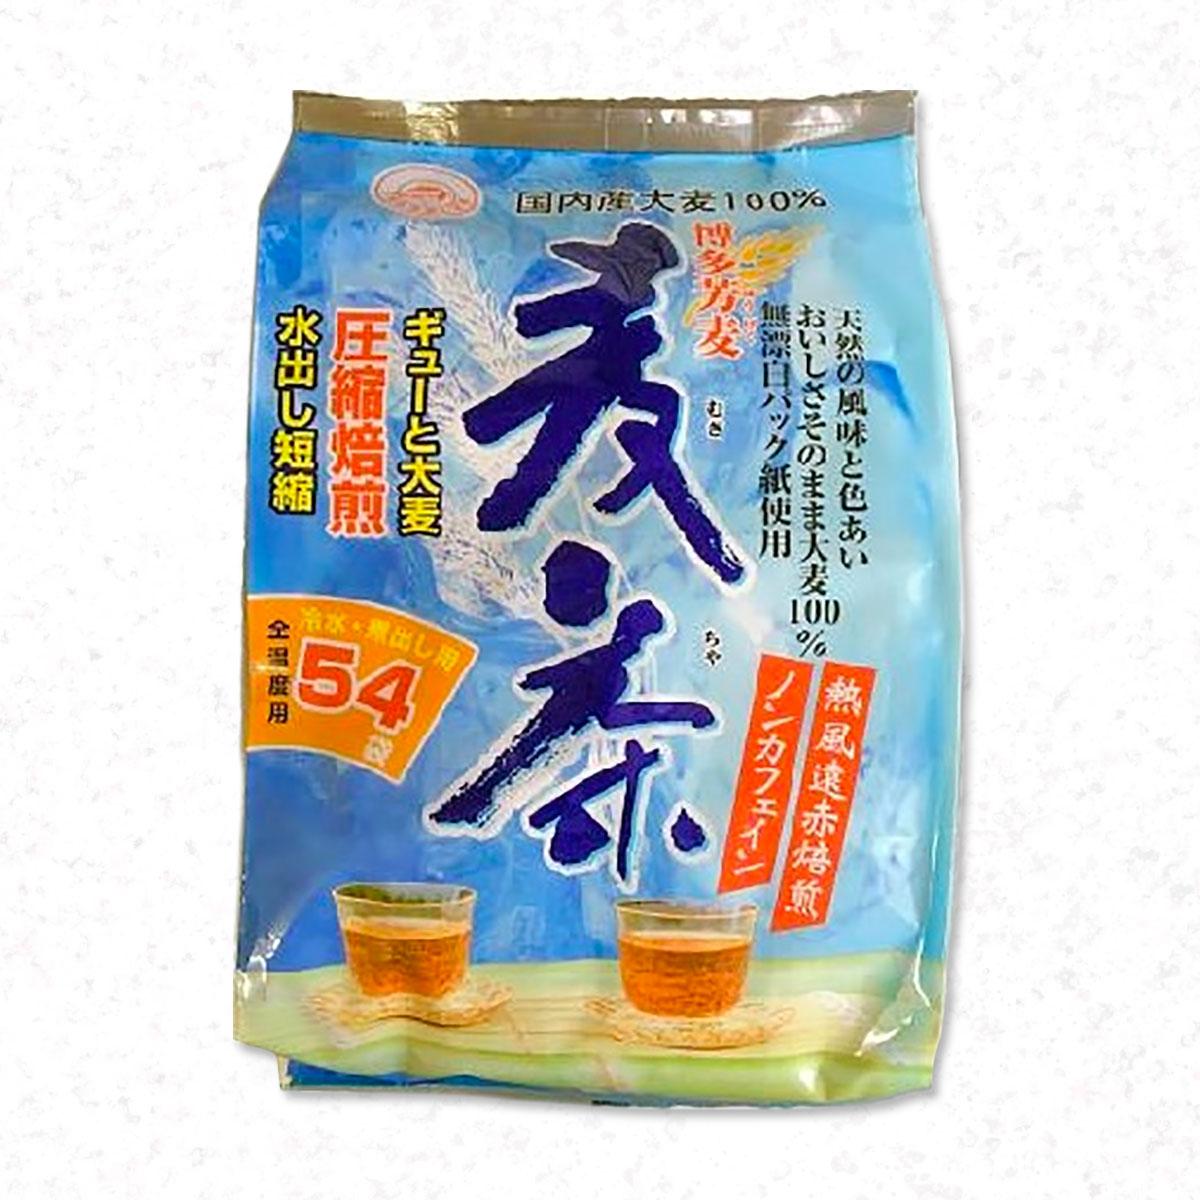 博多芳麦麦茶 54P